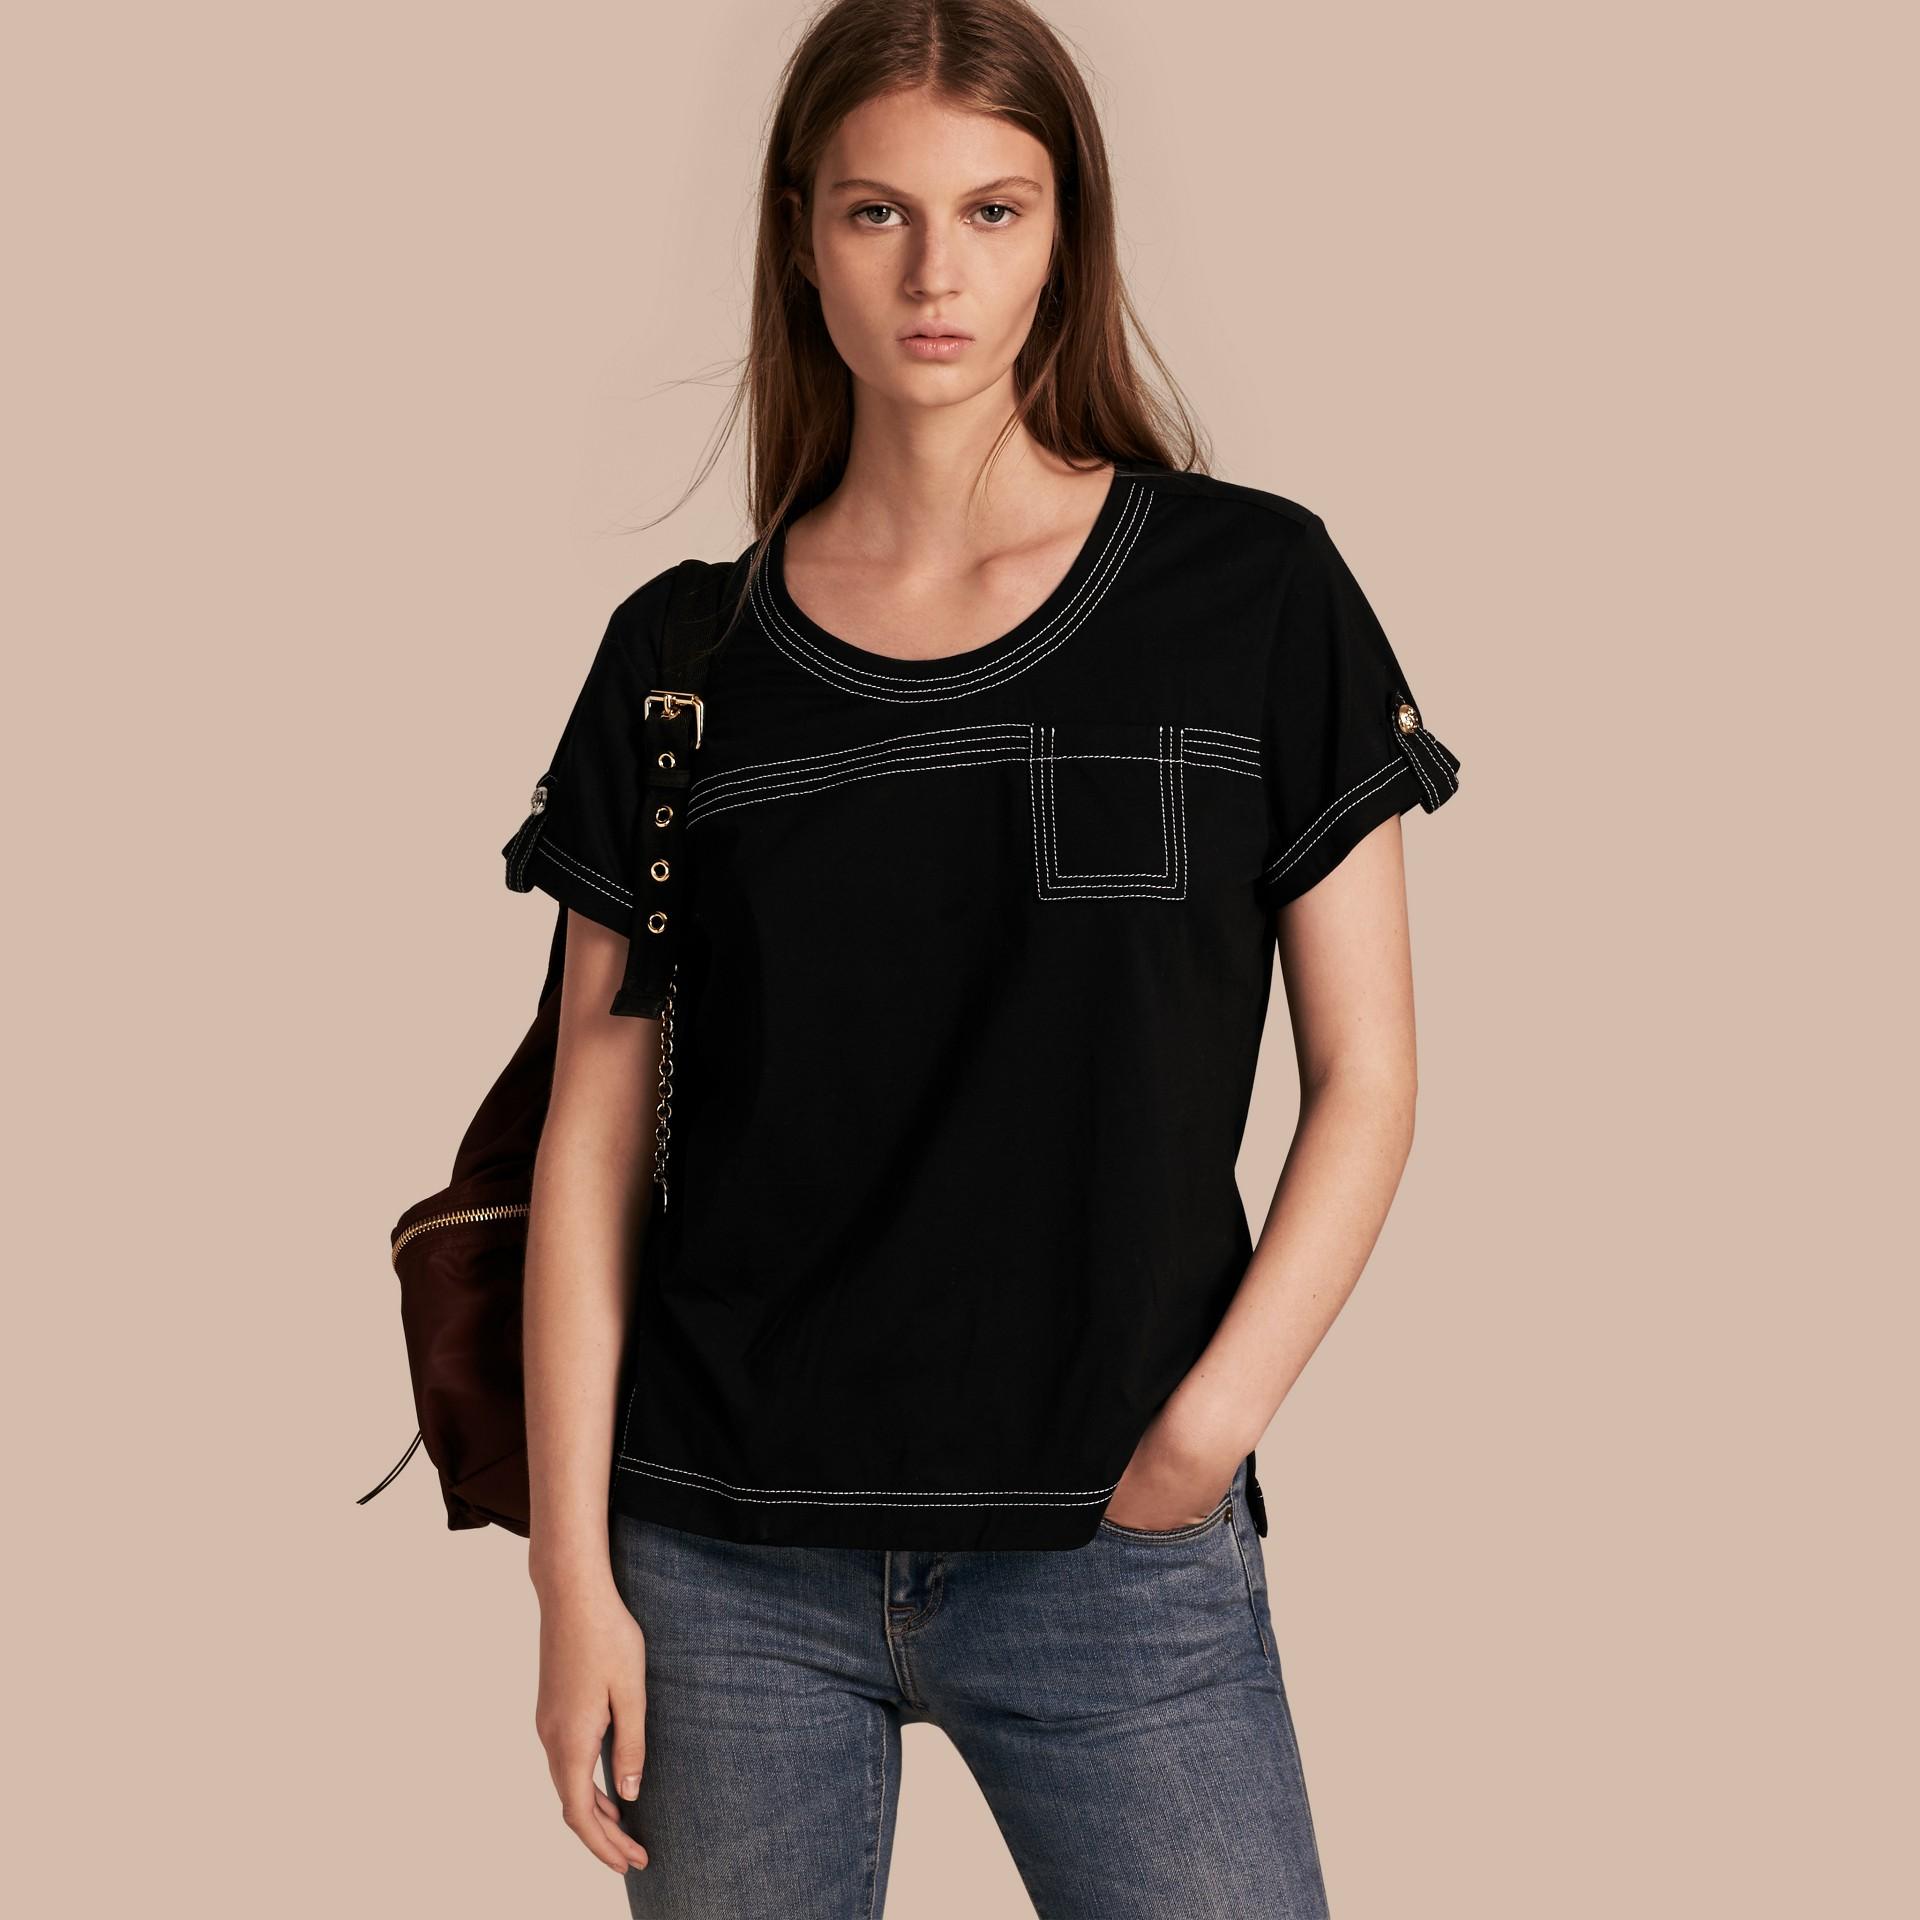 Nero T-shirt in cotone con impunture Nero - immagine della galleria 1